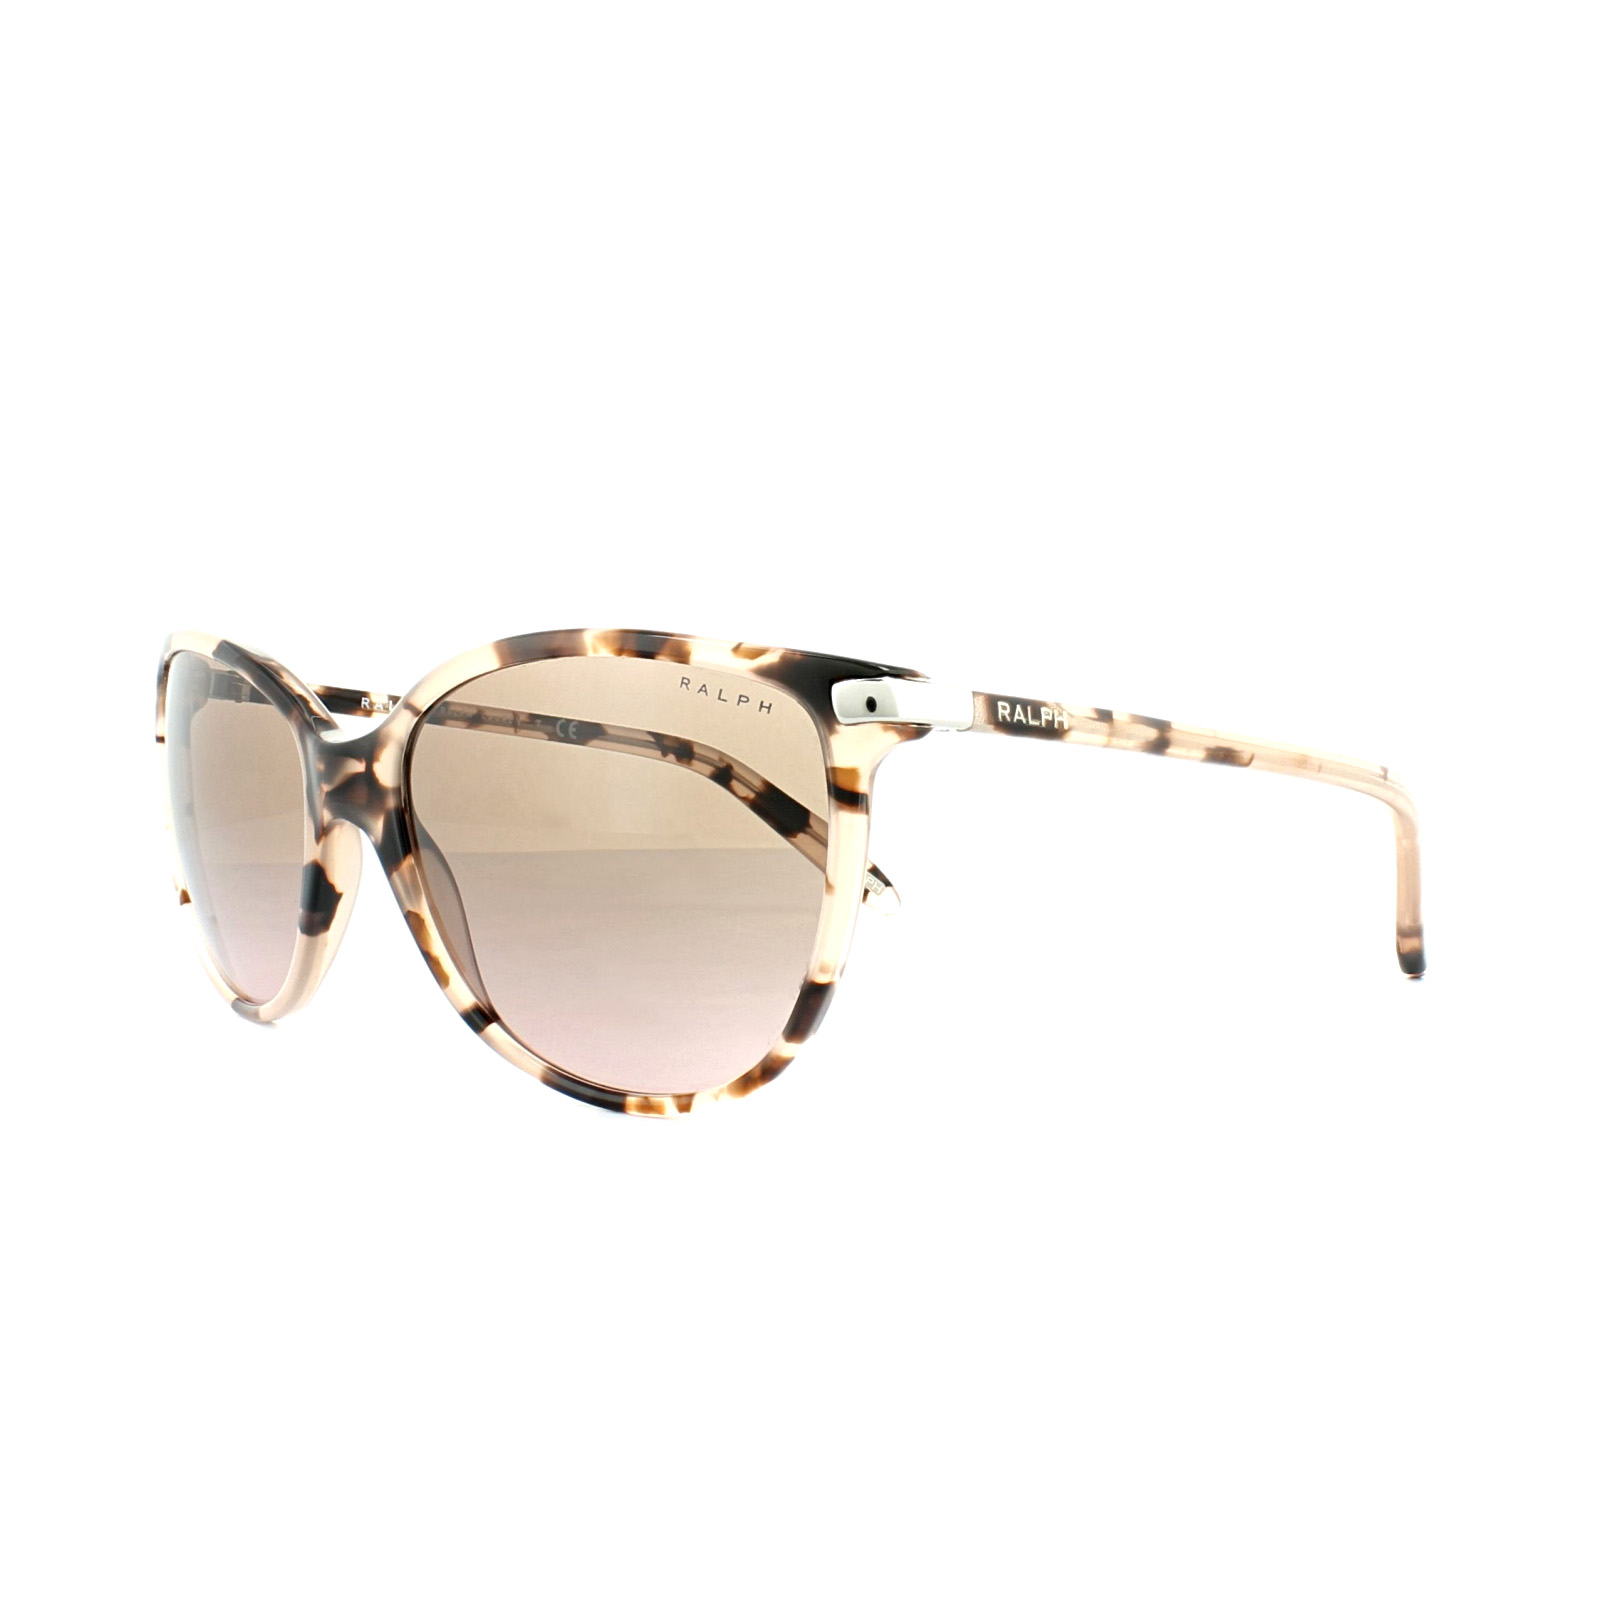 RALPH Ralph Damen Sonnenbrille » RA5160«, rosa, 111614 - rosa/ rosa